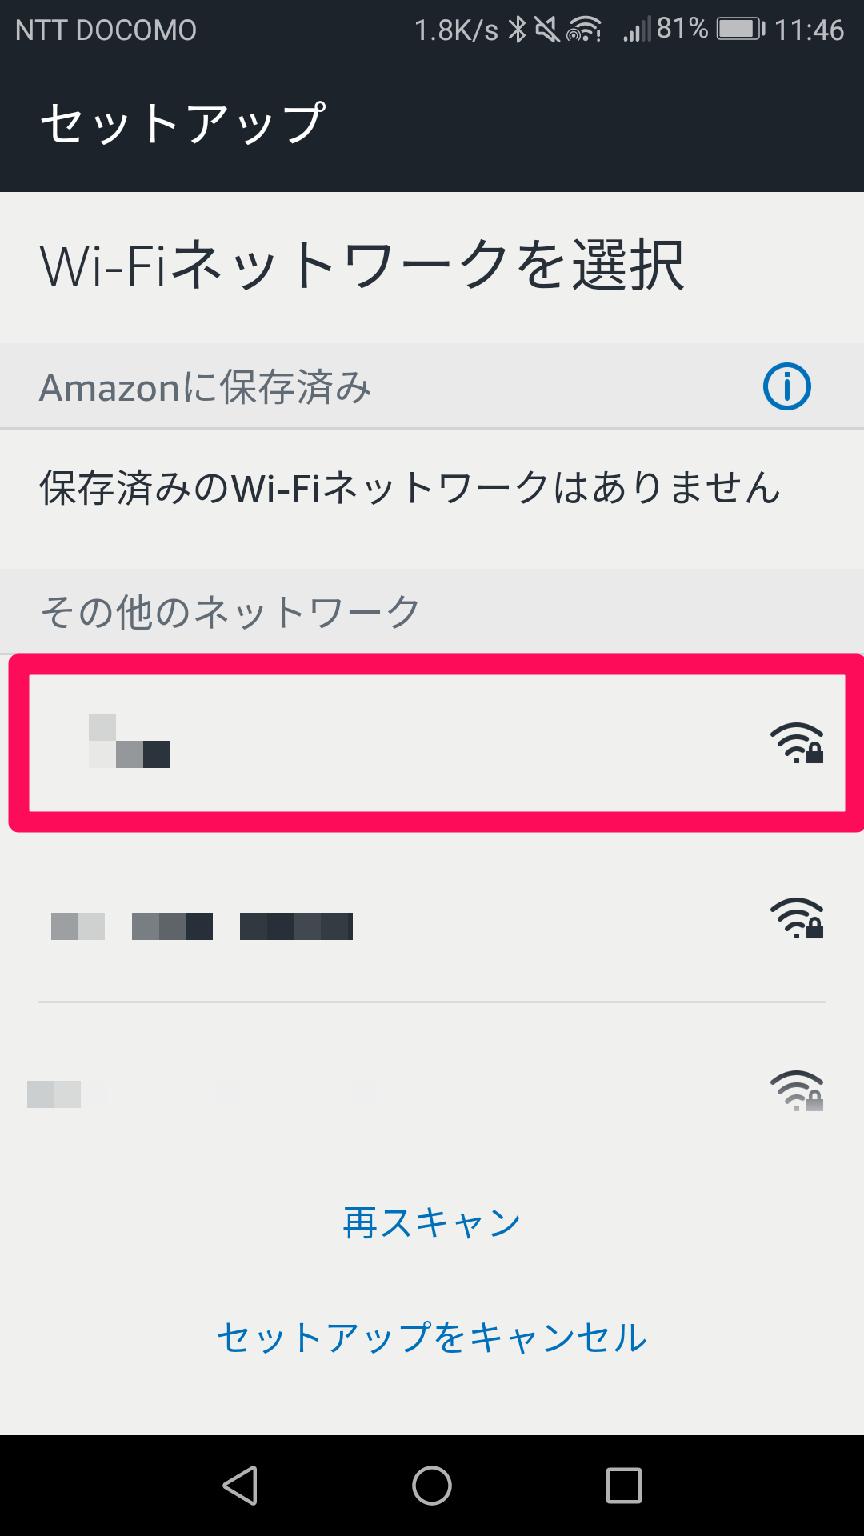 Amazon Alexa(アマゾンアレクサ)アプリの[Wi-Fiネットワークを選択]画面